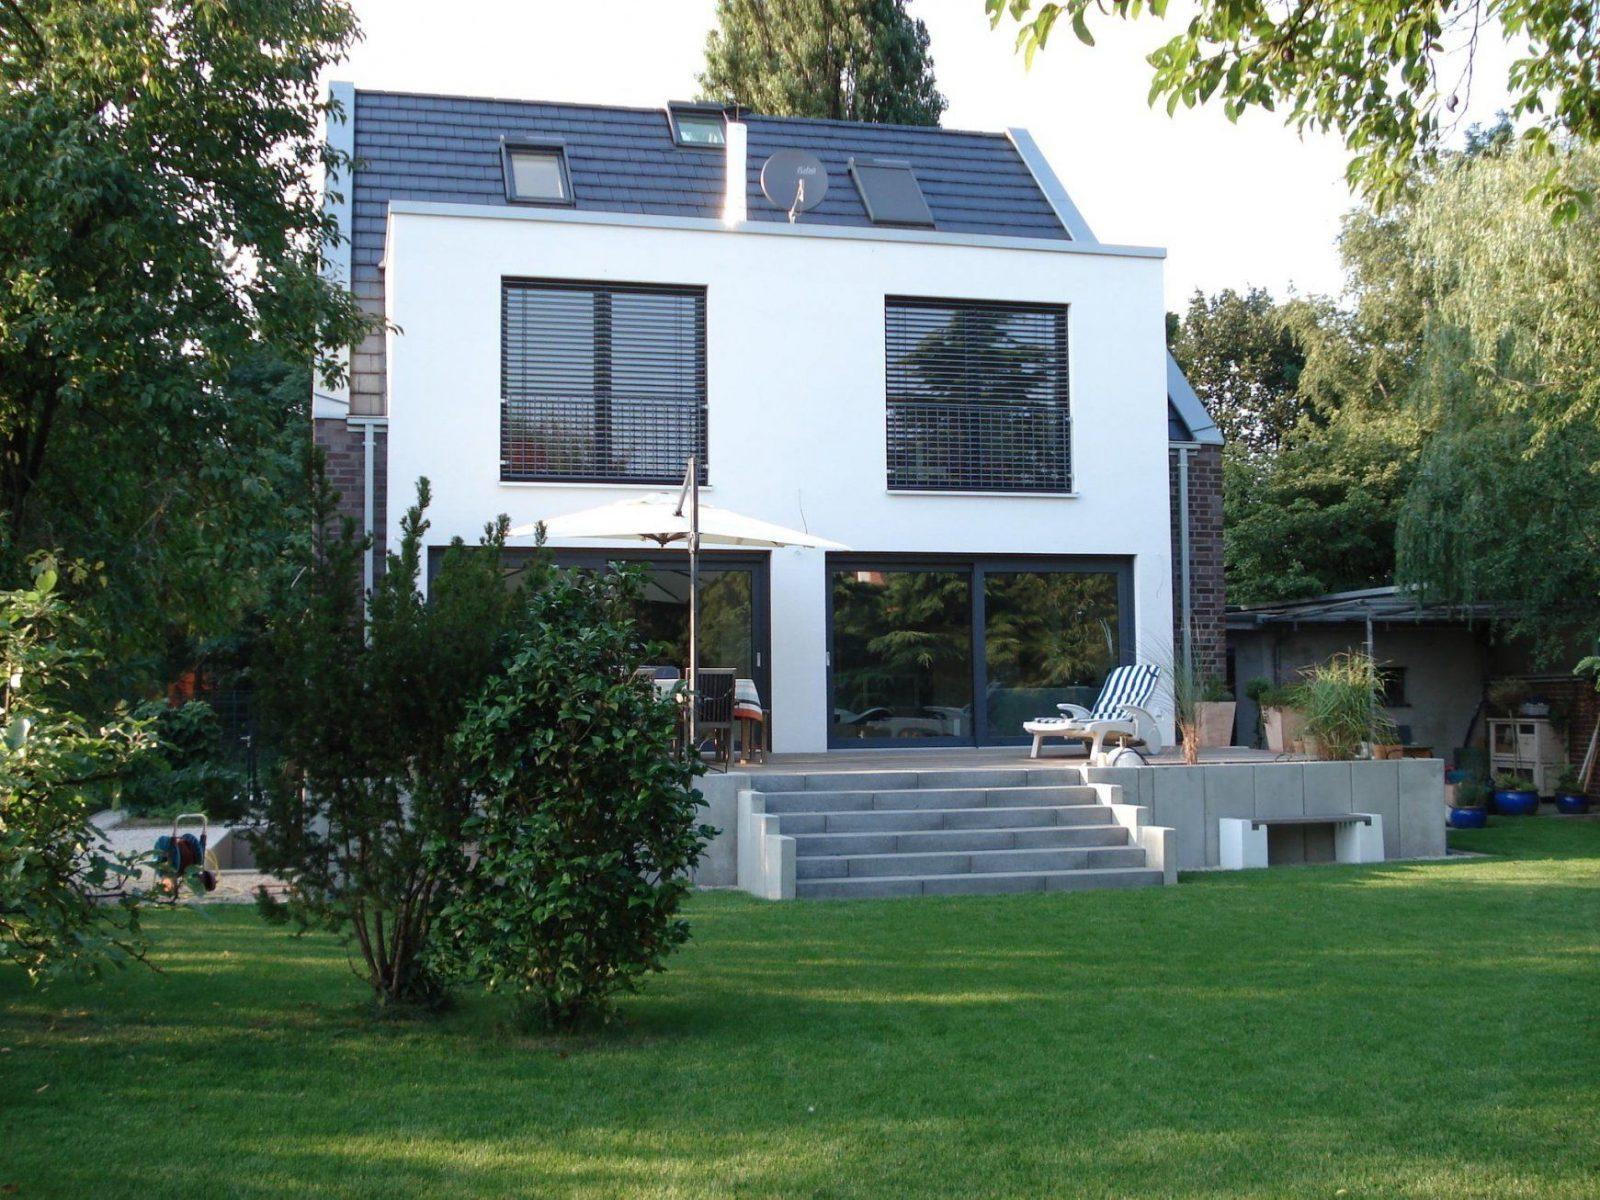 Altes Haus Renovieren Vorher Nachher  Ianirodesign von Haus Umbauen Vorher Nachher Bild